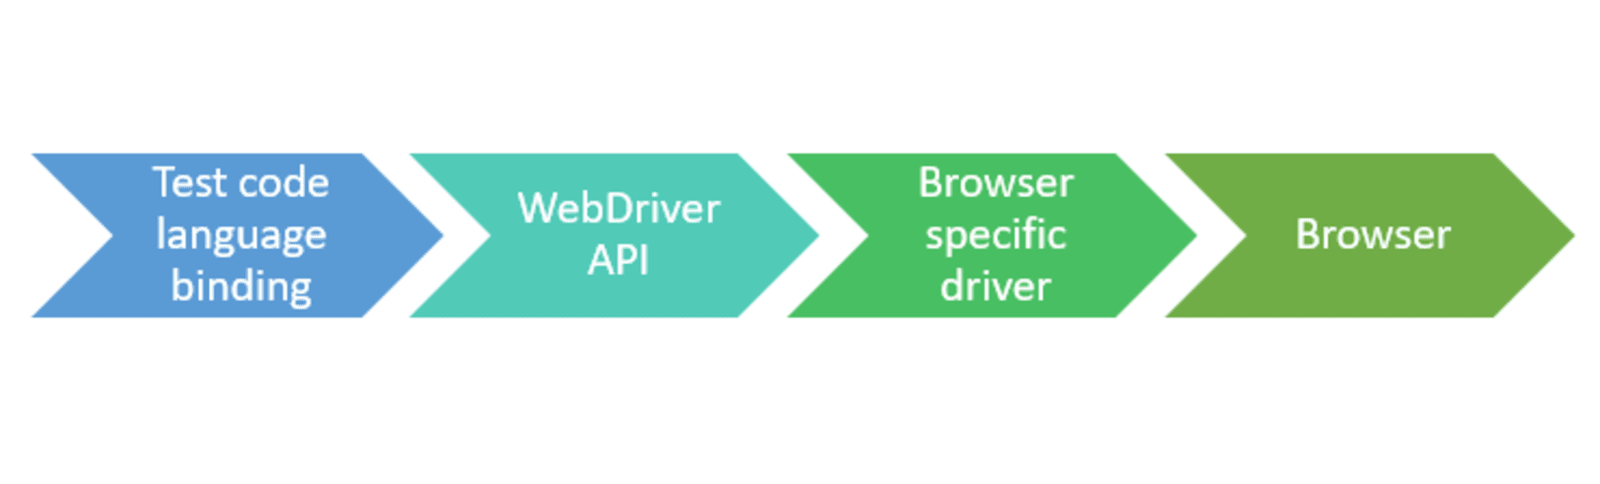 Автоматизированное браузерное тестирование с помощью WebDriver API